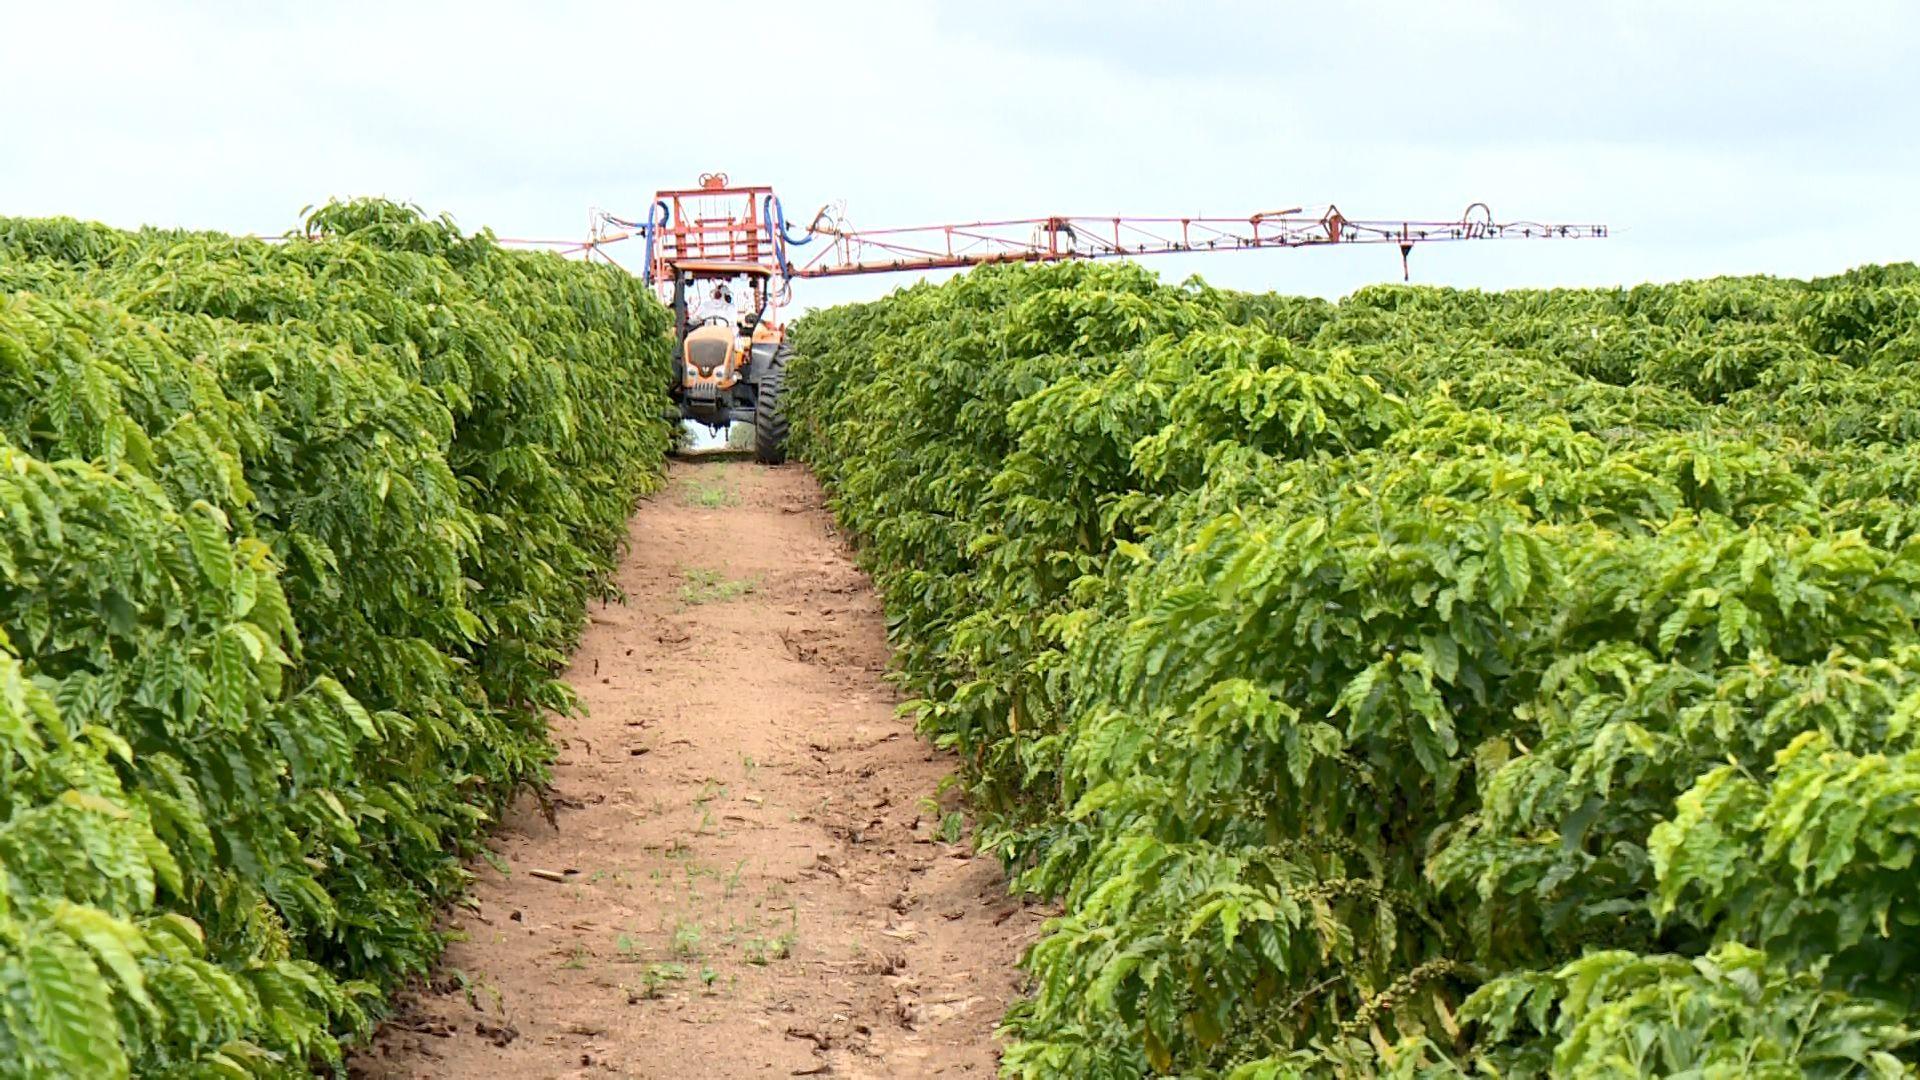 Cultivo adensado é aposta em lavouras para aumentar produção de café